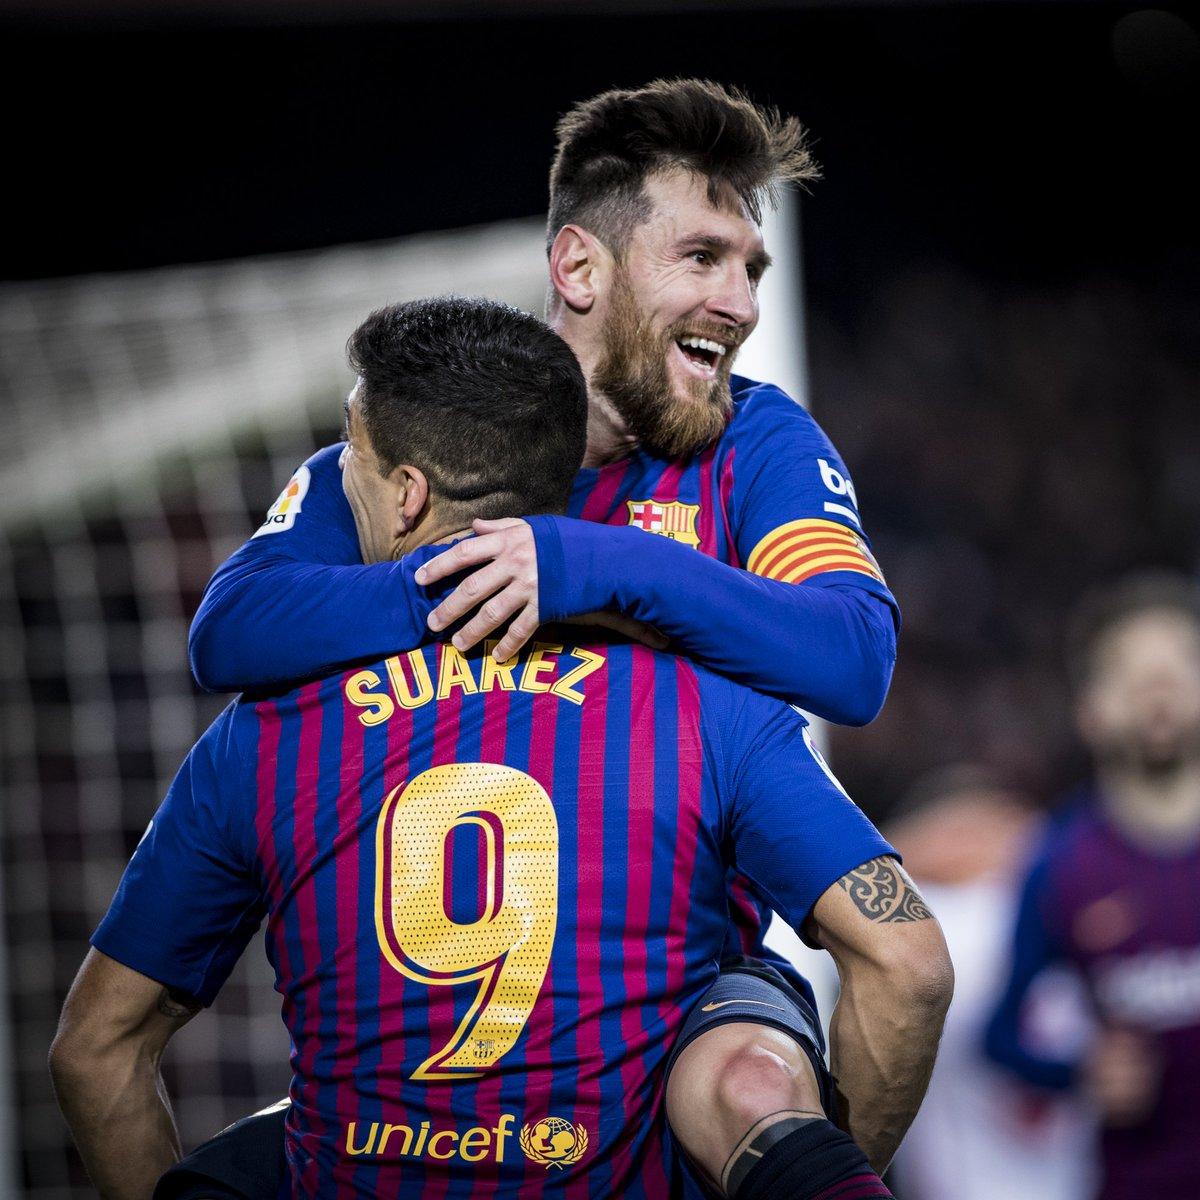 🔥 MATCHDAY! ⚽ FC Barcelona v Real Valladolid 🏆 @LaLigaEN  🕘 8.45 pm CET 📍 Camp Nou 📲 #BarçaValladolid 🔵🔴 #ForçaBarça!